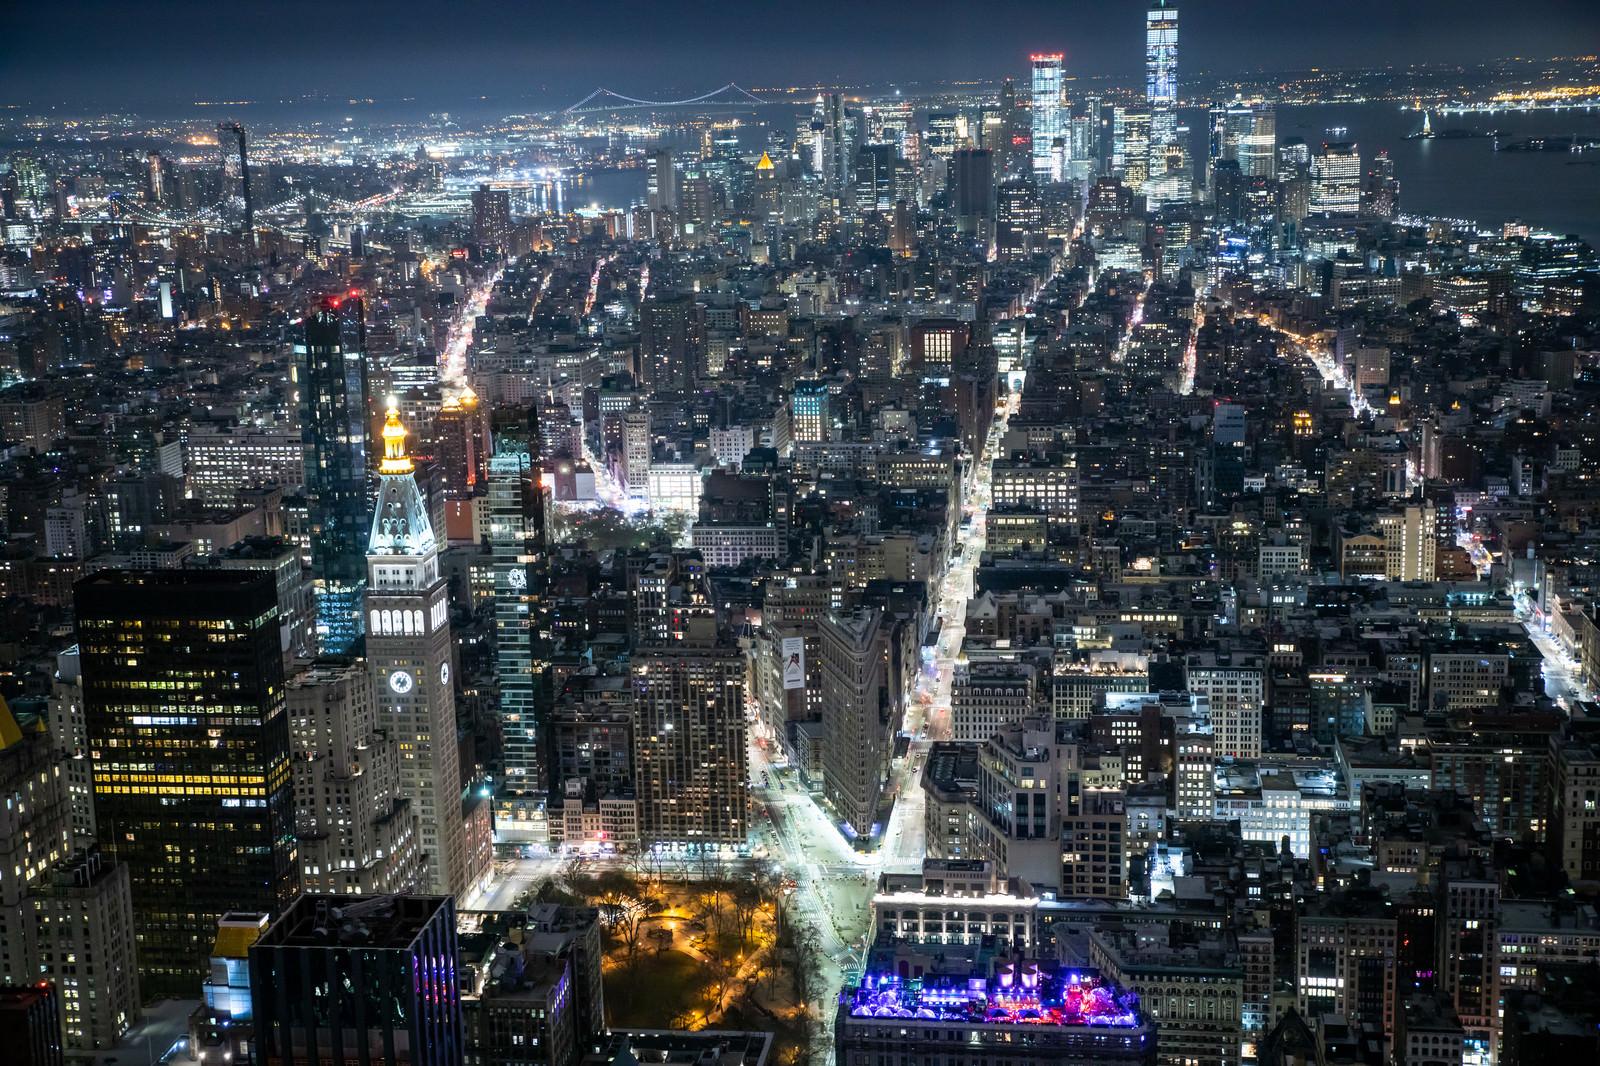 「エンパイアステートビル展望台から見た夜景(ニューヨーク)」の写真